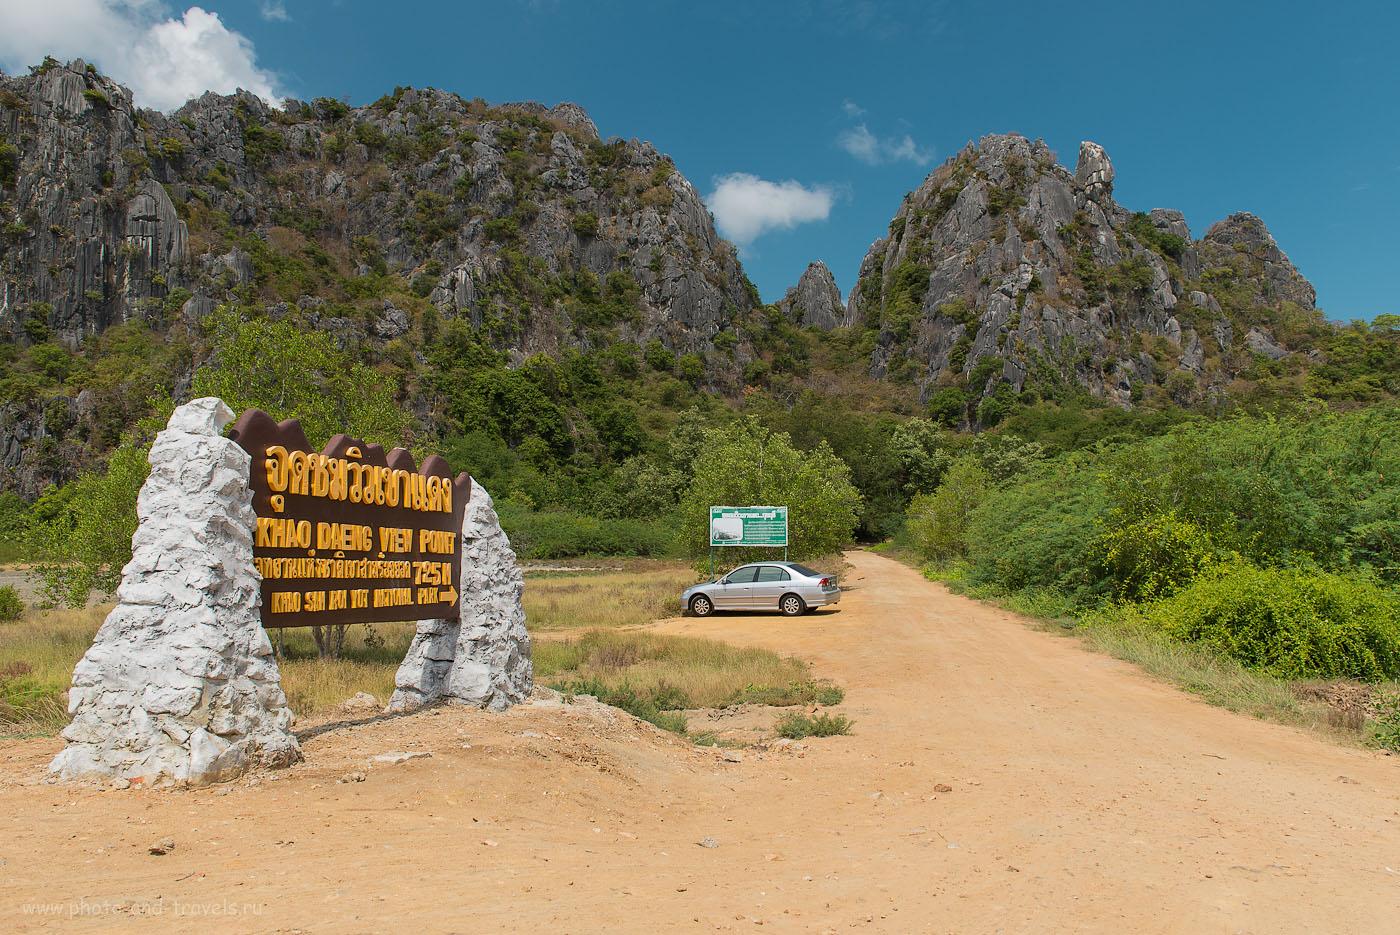 Фото 1. Начало тропы к смотровой площадке Khao Daeng Viewpoint в национальном парке Као Сам Рой Йот в Таиланде. Отчет об экскурсии самостоятельно (фотоаппарат Nikon D610, объектив Nikkor 24-70/2.8, поляризационный фильтр Hoya HD Circular-PL, настройки камеры: ИСО 100, фокусное расстояние 24мм, диафрагма f/9.0, выдержка 1/160 секунды)